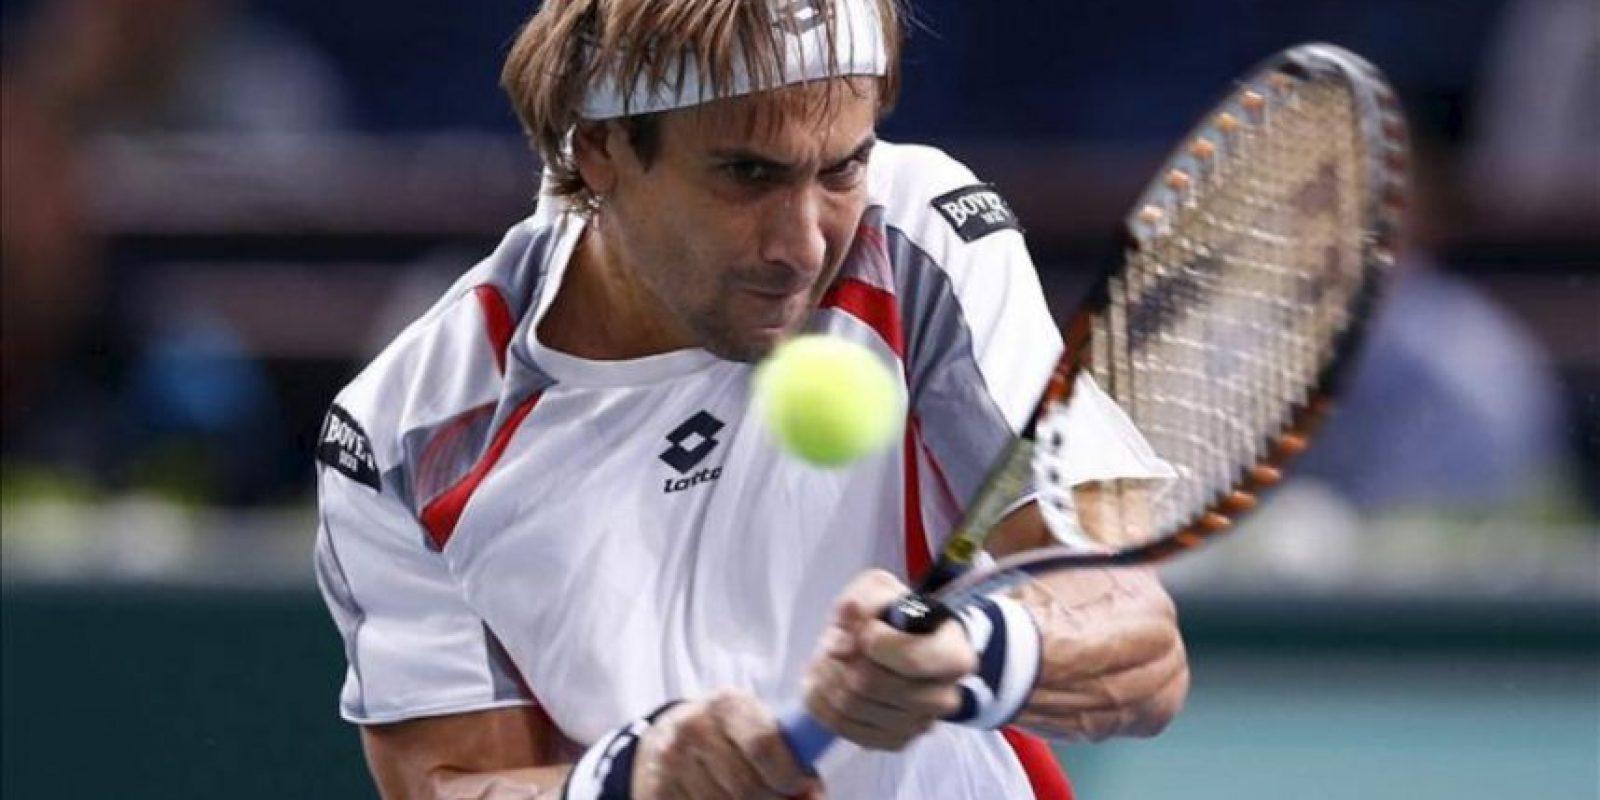 El tenista español David Ferrer devuelve la bola a su compatriota Marcel Granollers durante el partido del torneo Masters 1000 de Paris-Bercy disputado hoy en París (Francia). EFE